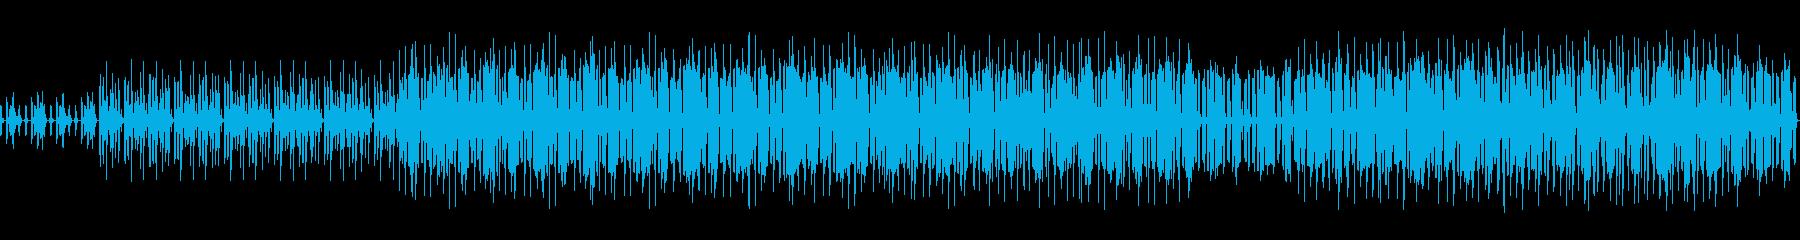 奇麗な感じのbreakbeats の再生済みの波形